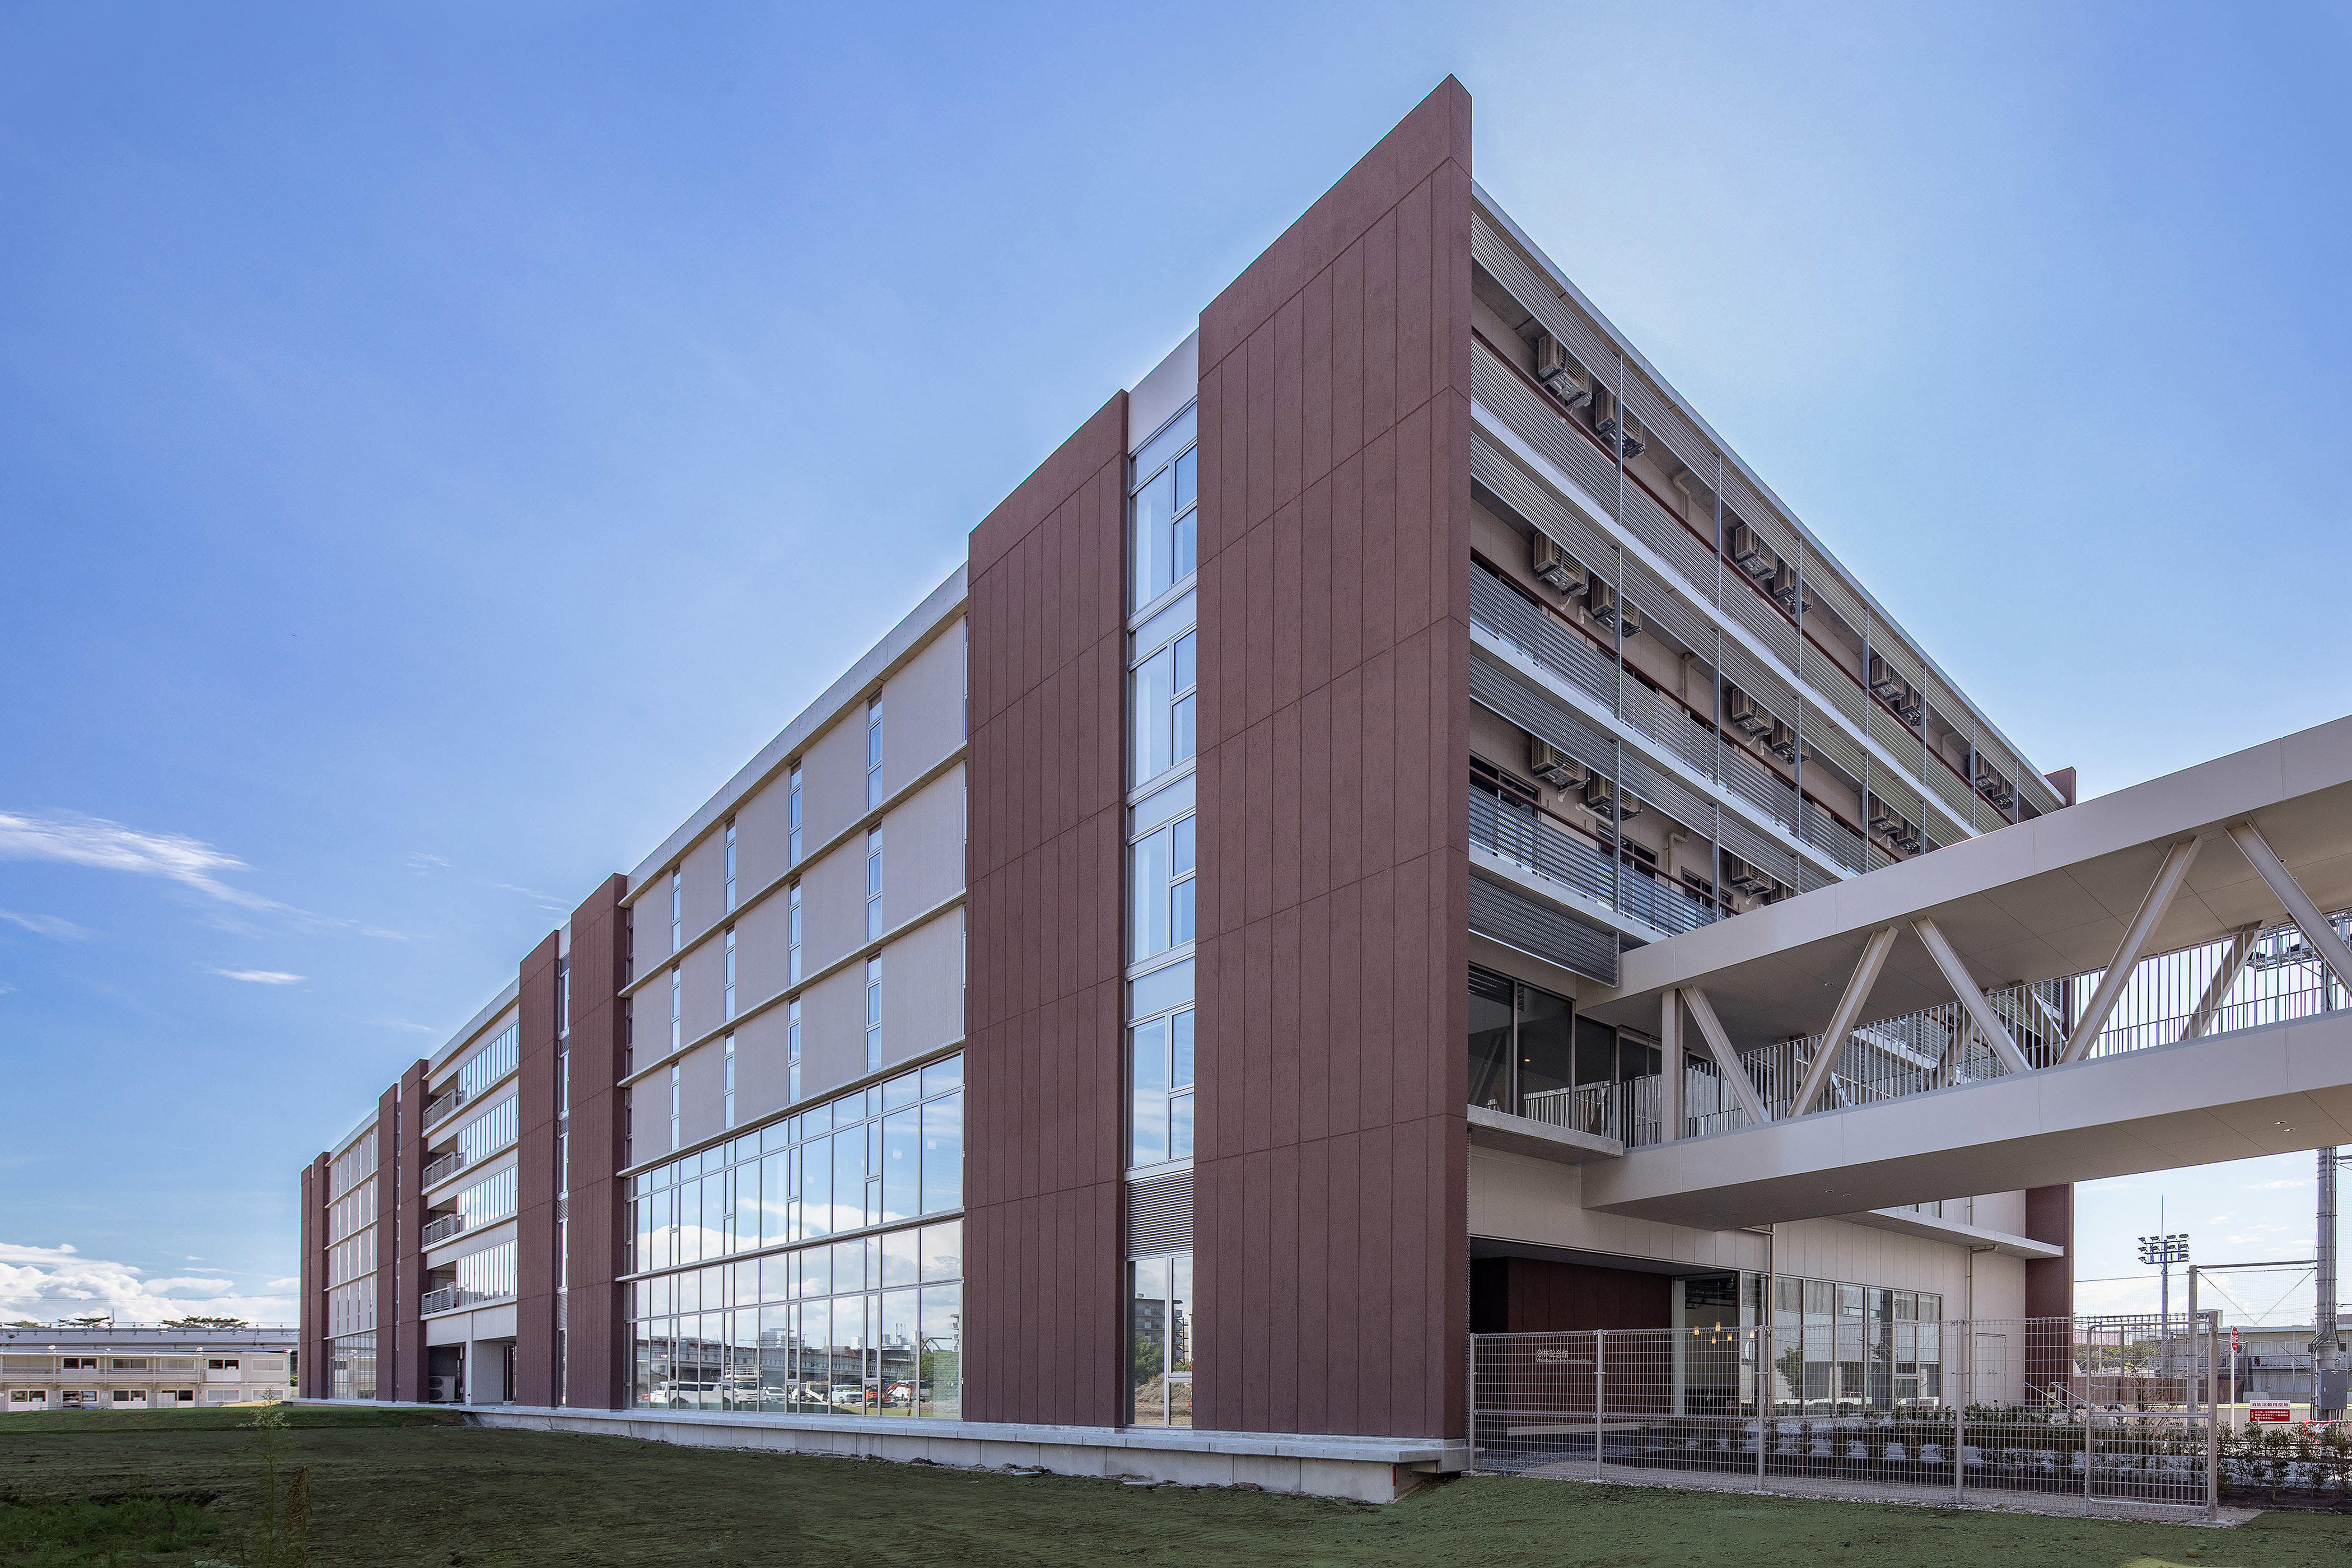 「知的修練」の場となる国際交流拠点 立命館大学分林記念館を開設